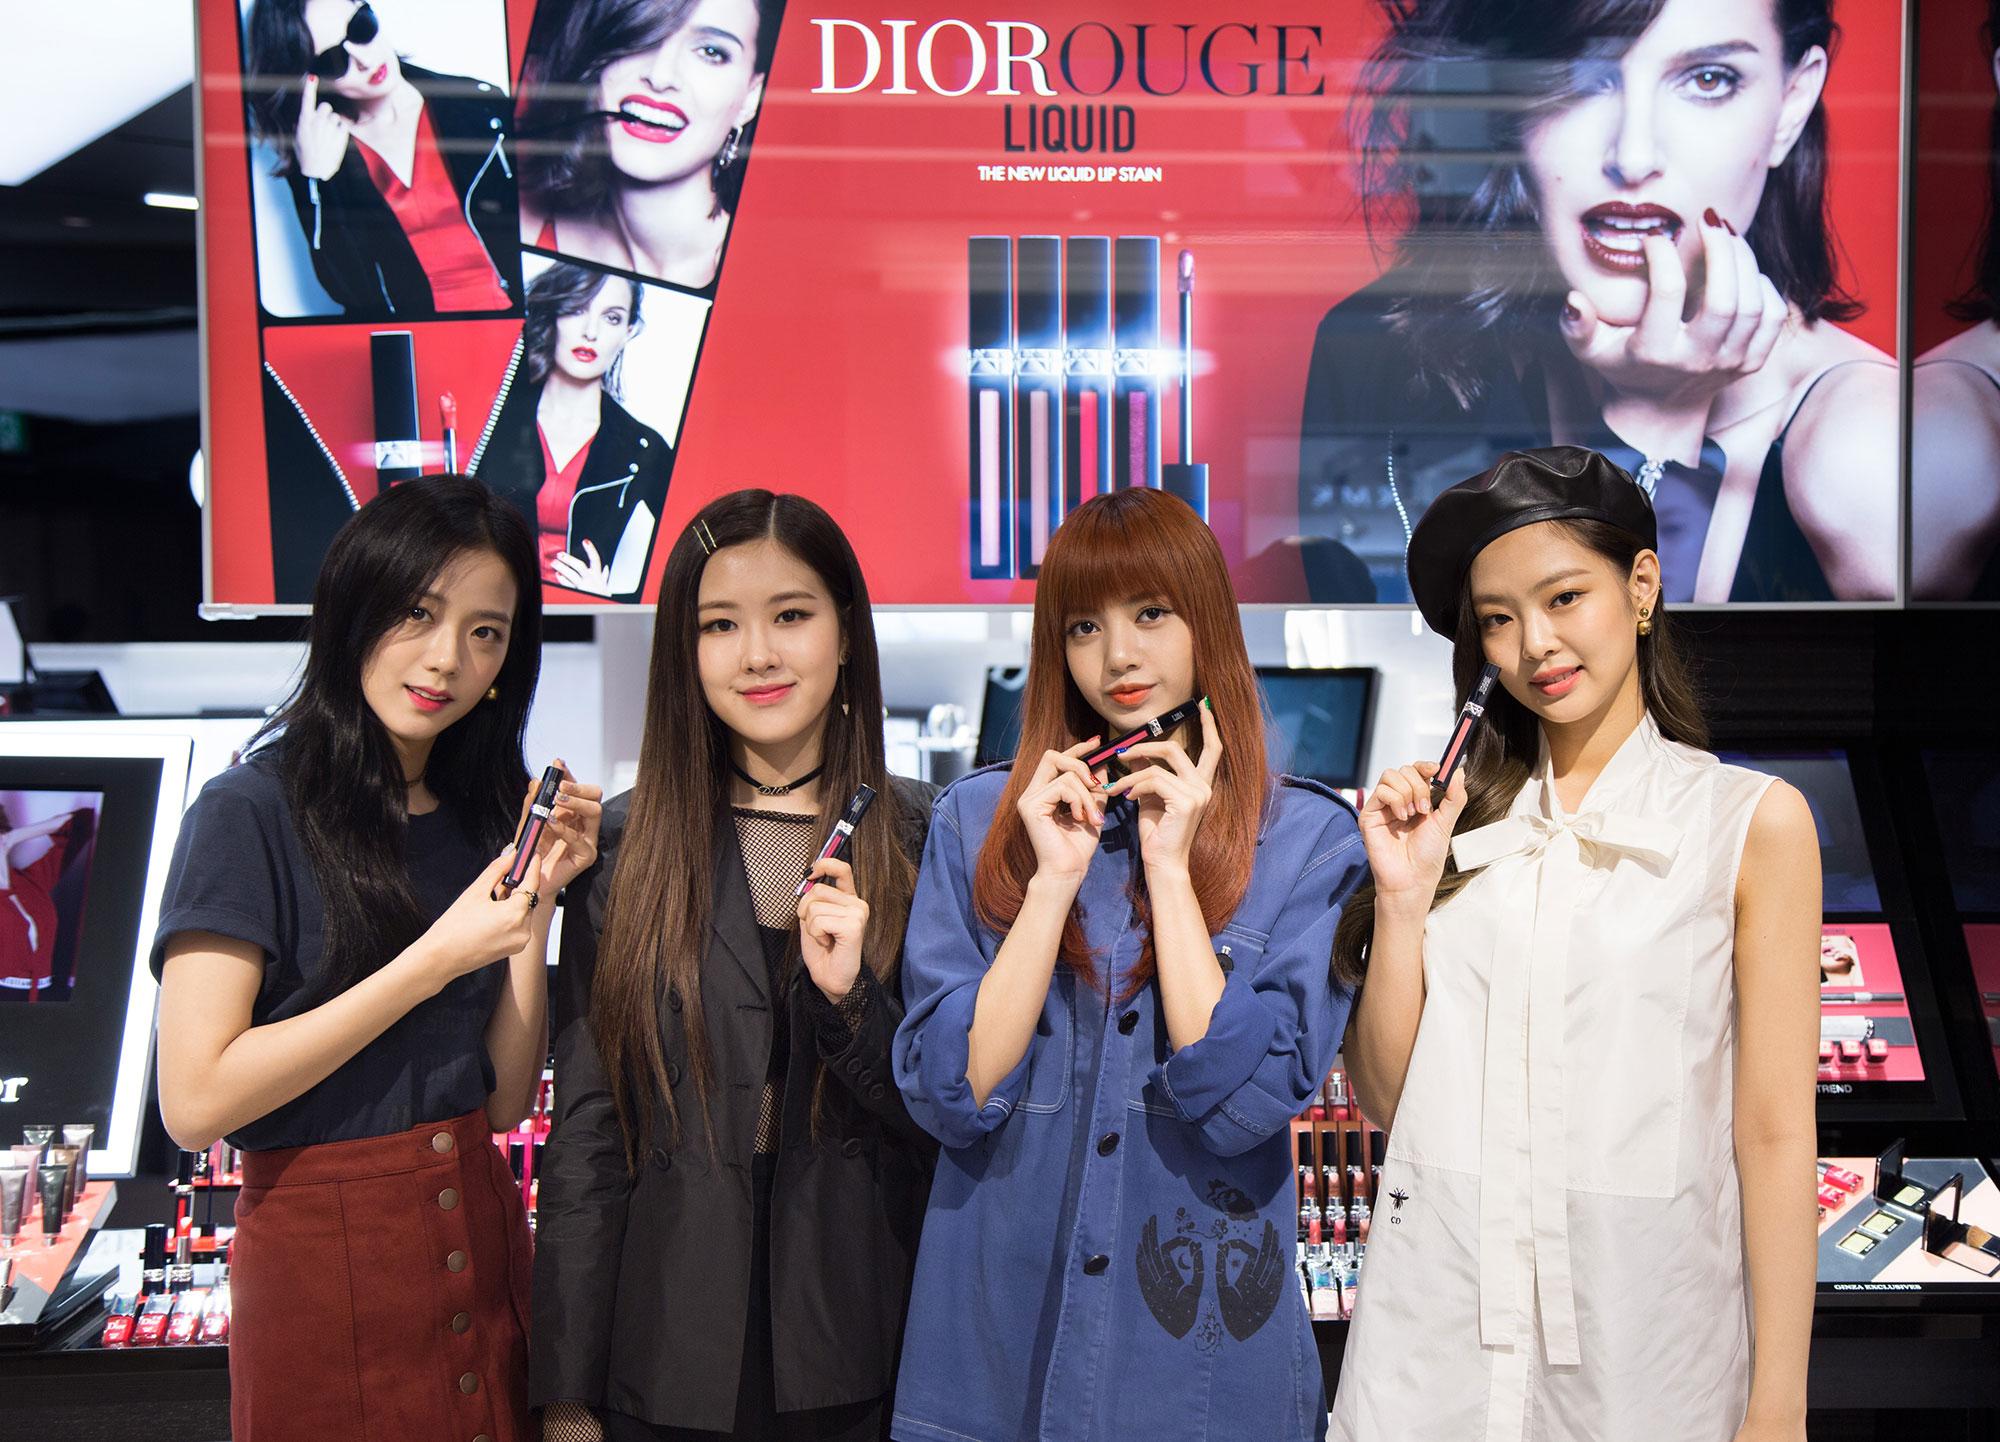 ディオール ビューティー 銀座に来店した BLACKPINK のメンバーたち | ©︎ Dior